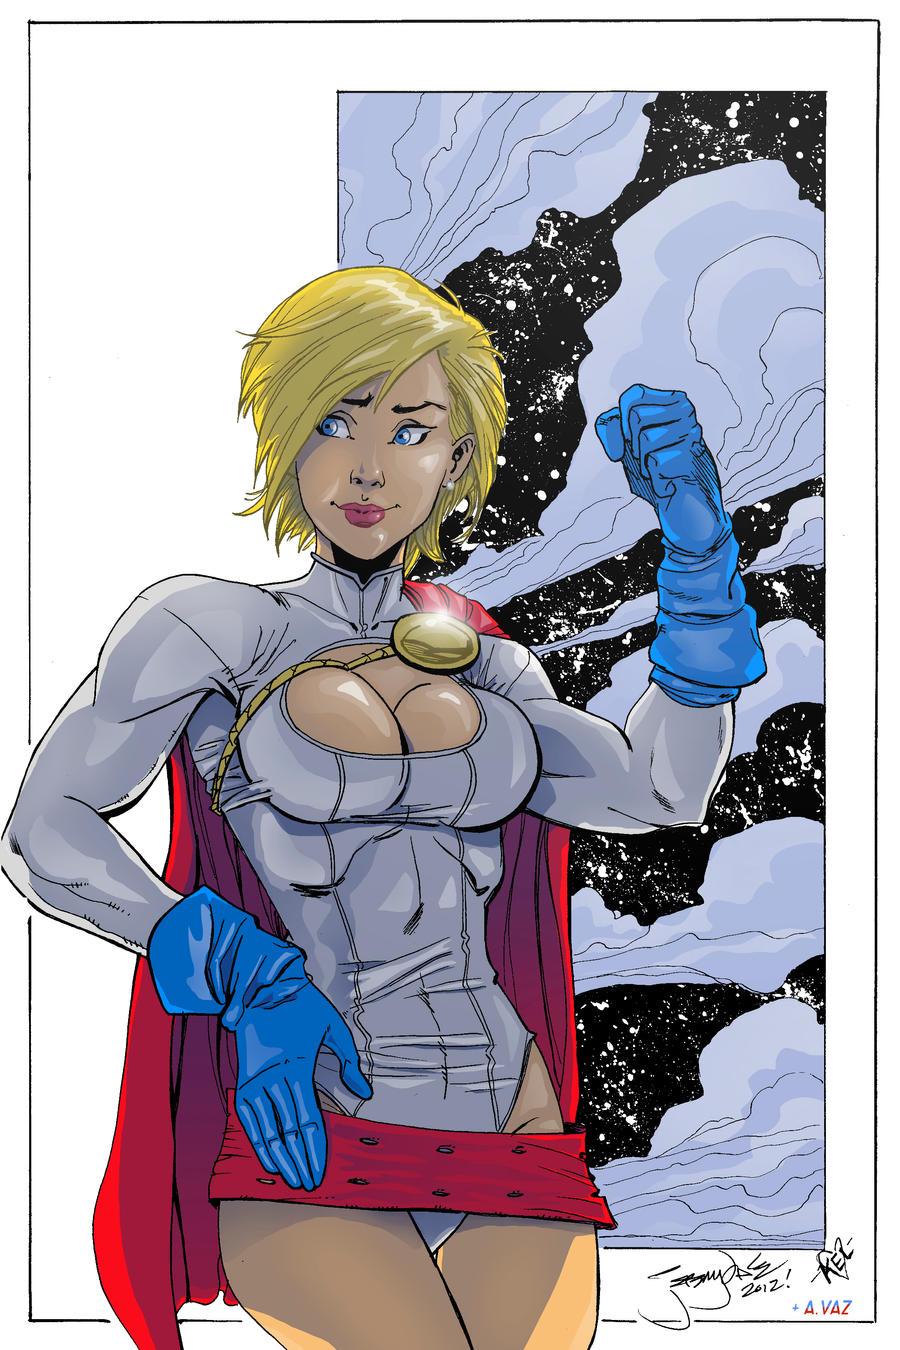 Power Girl By Andre Vaz On Deviantart